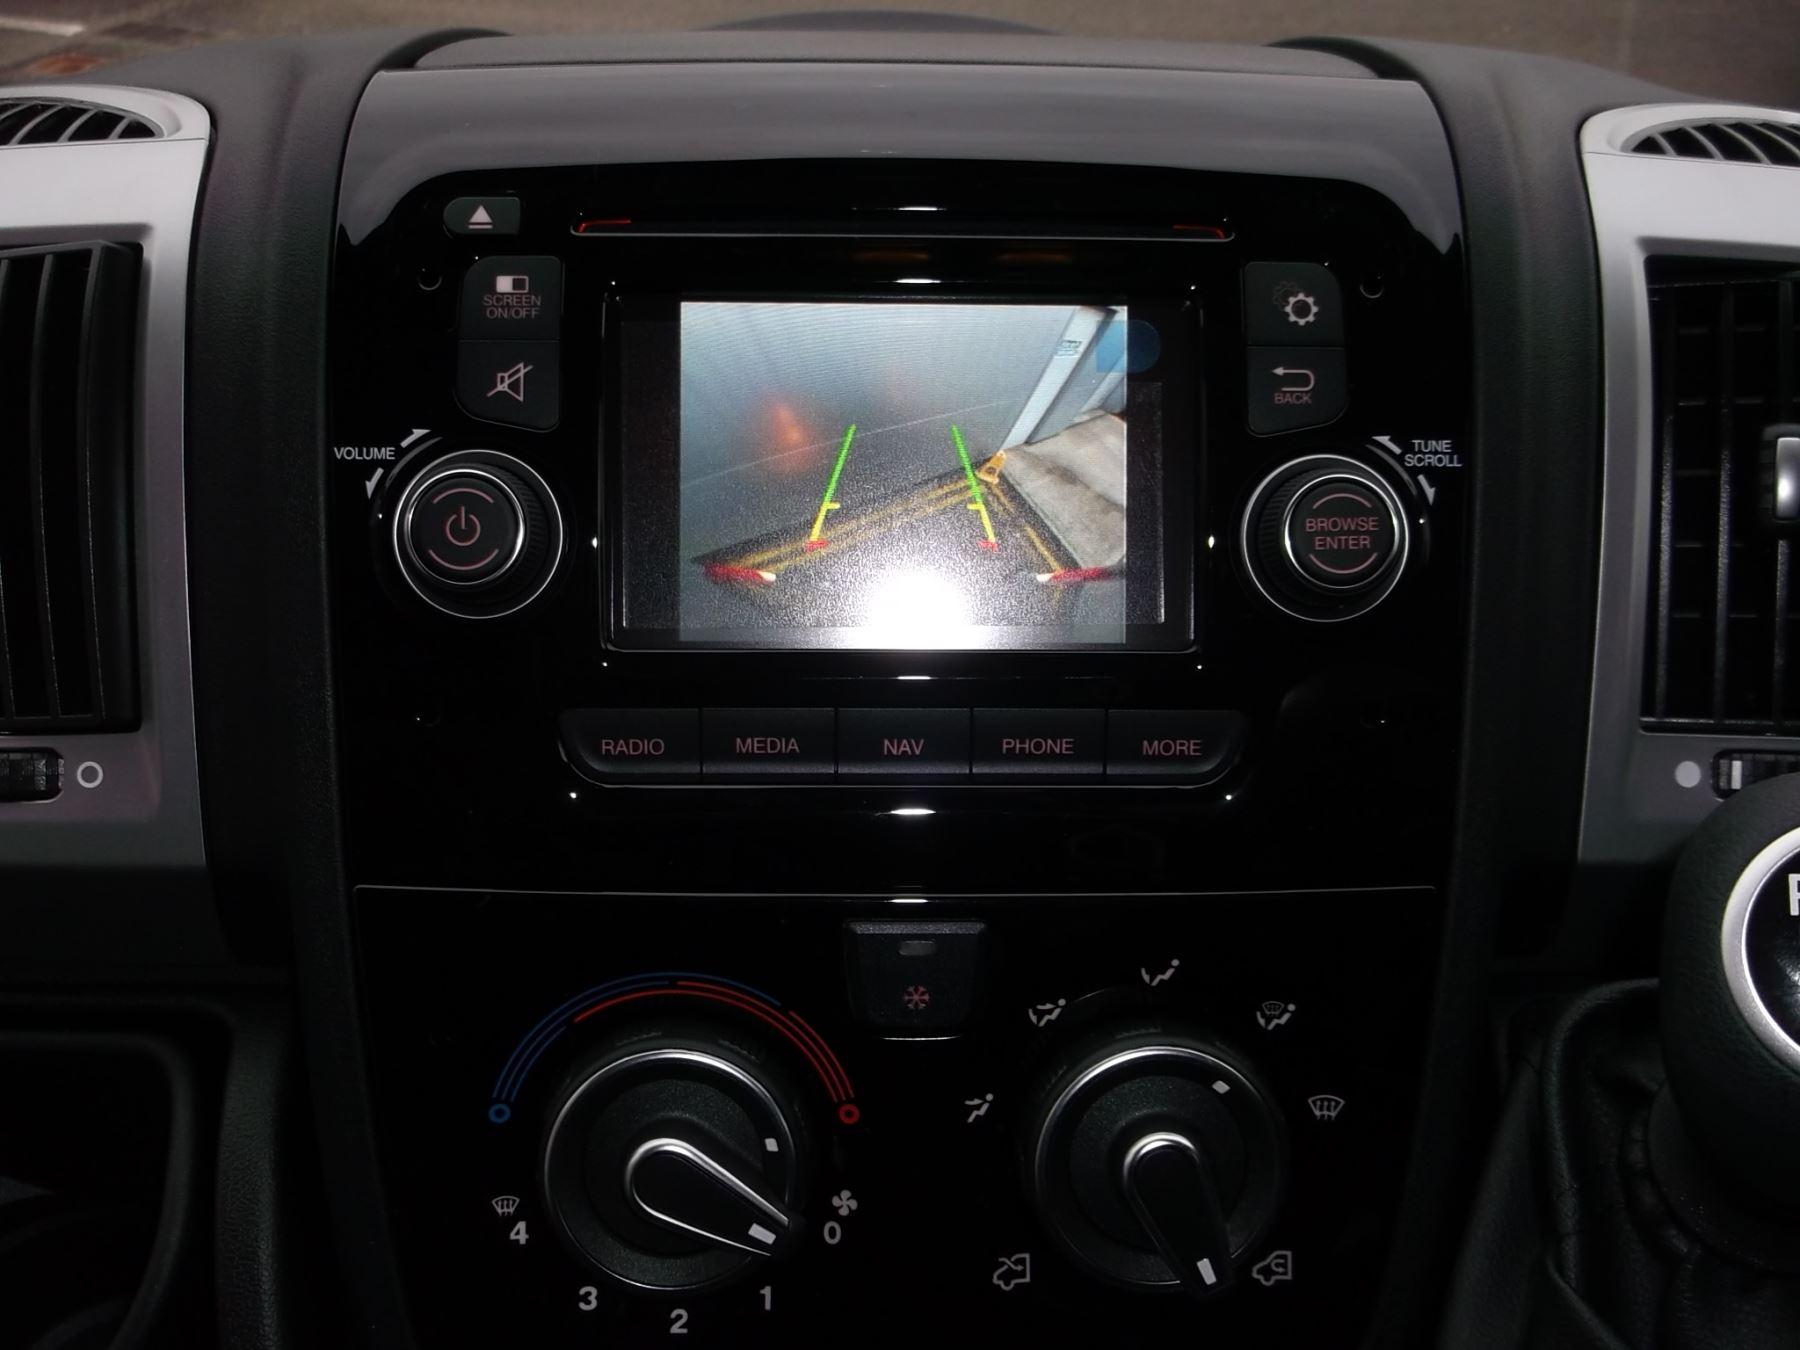 Fiat Ducato MWB HR 2.3 160 SPORTIVO ALLOYS CLR CODED LED  AIRCON NAV CRUISE REV SENSORS CAMERA image 11